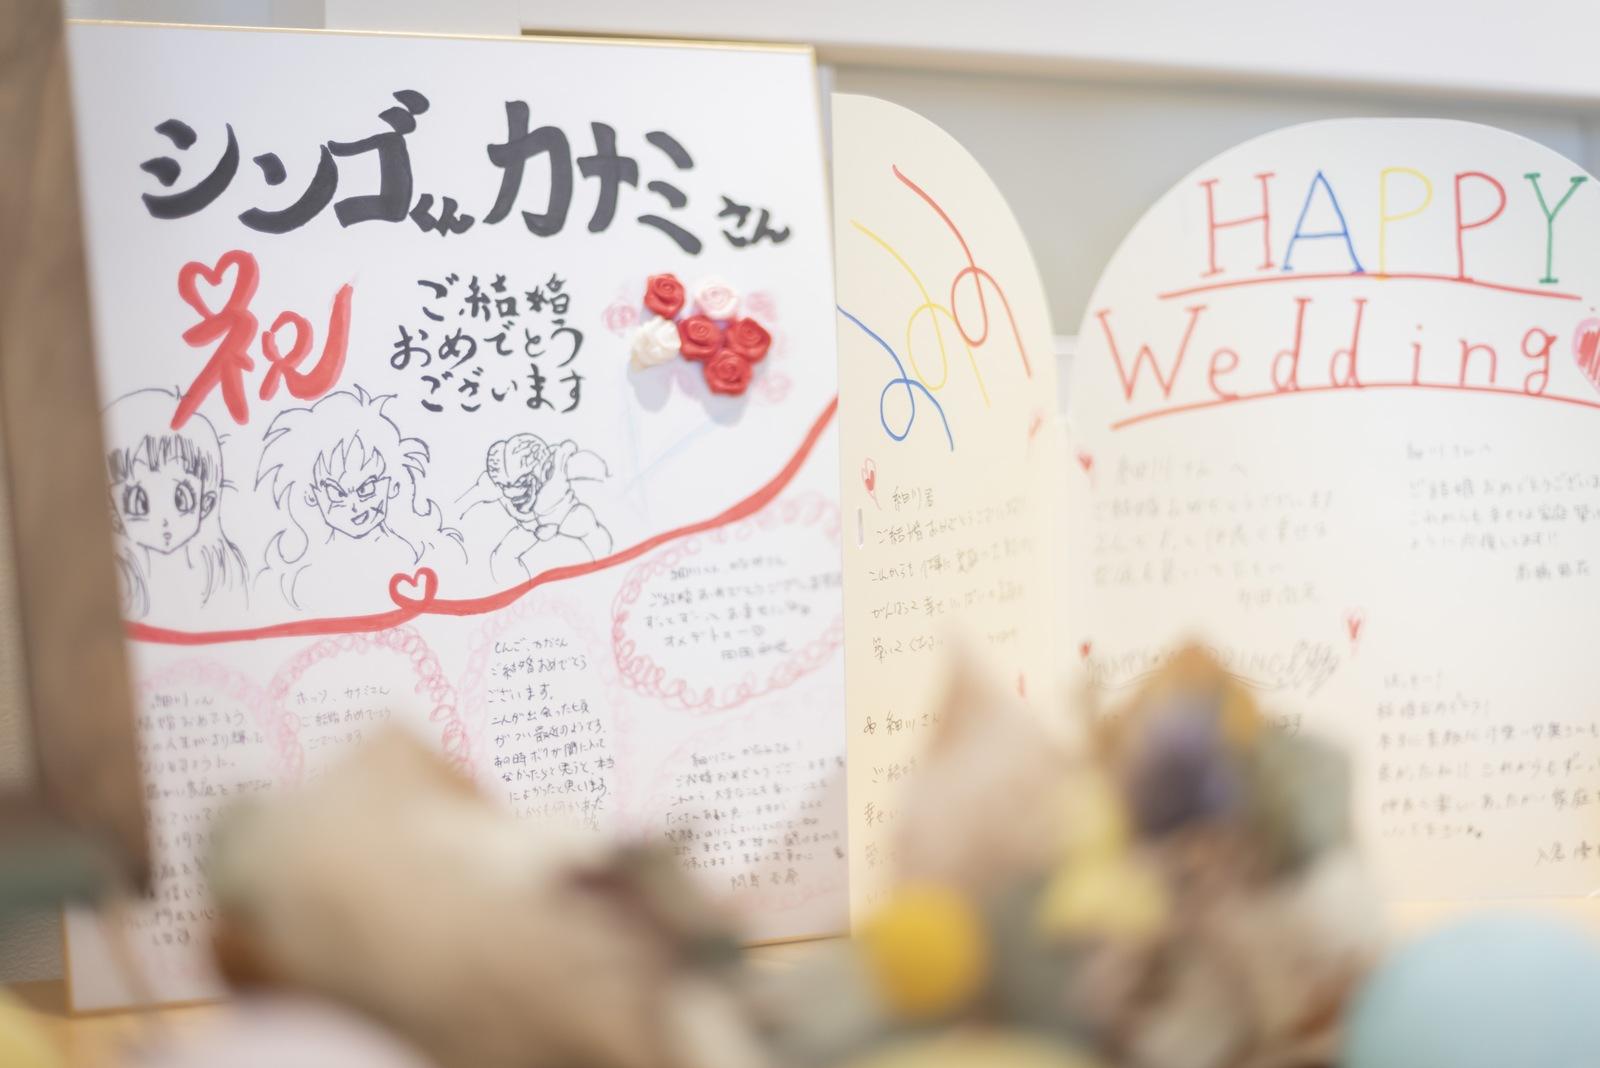 高松市の結婚式場アイルバレクラブの色紙